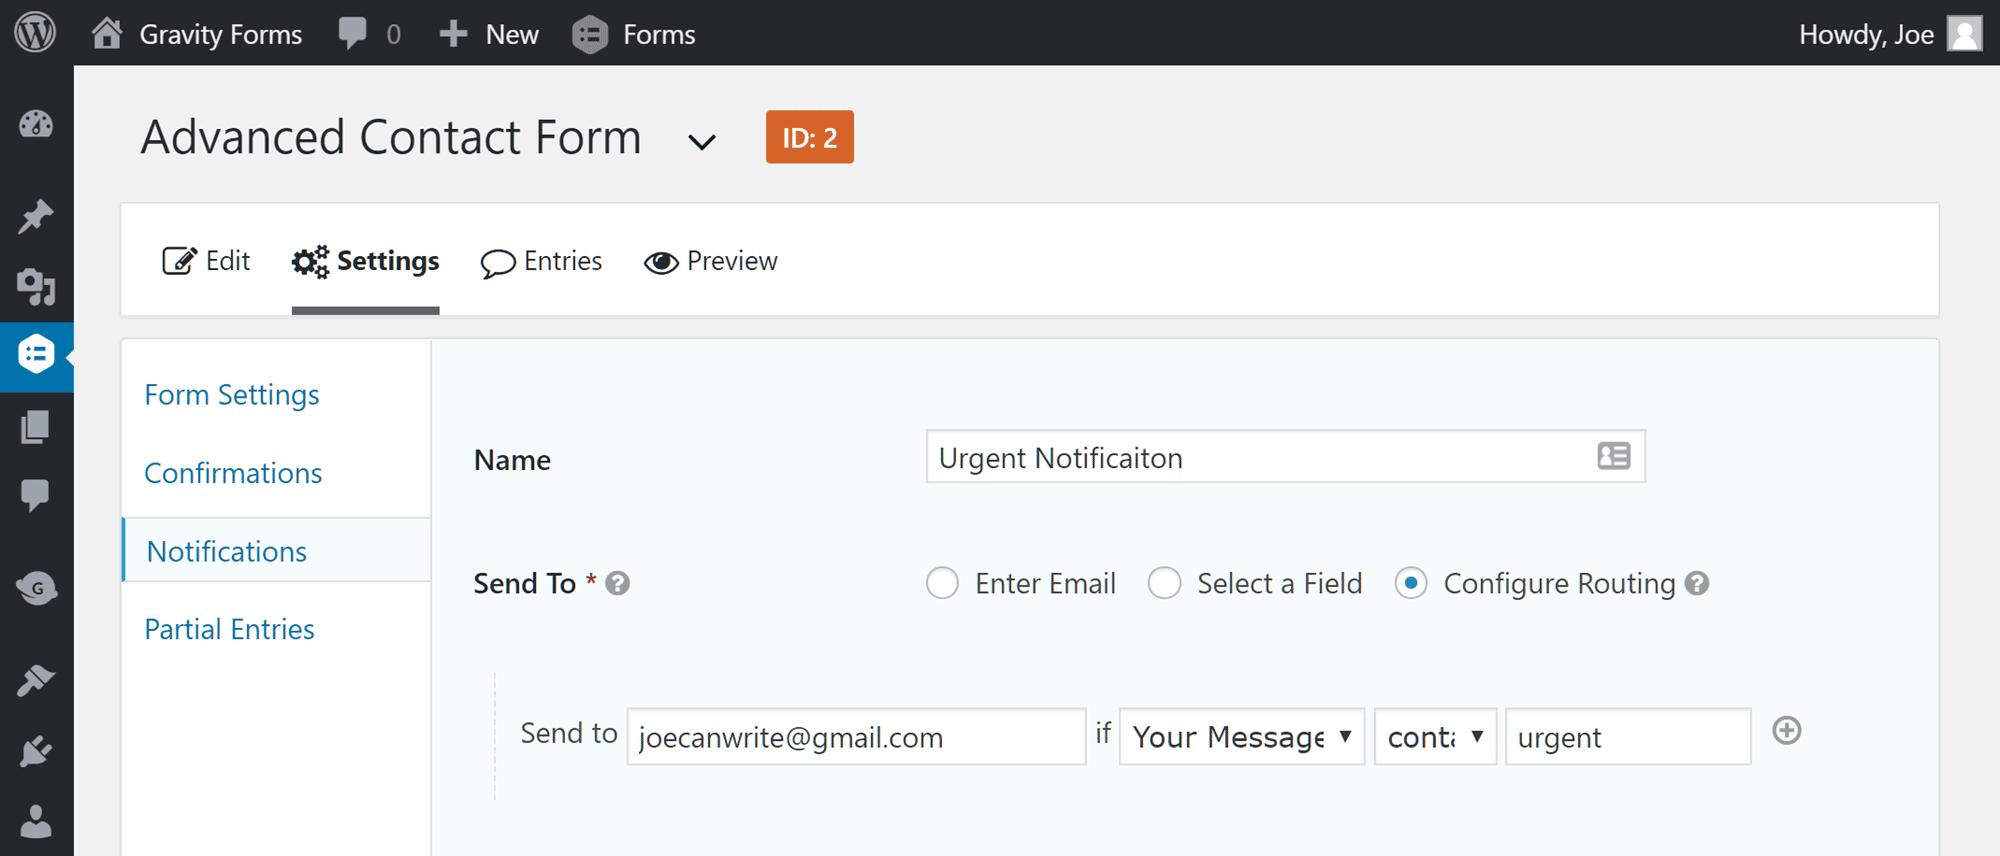 Configuración de notificaciones de entrada de formulario